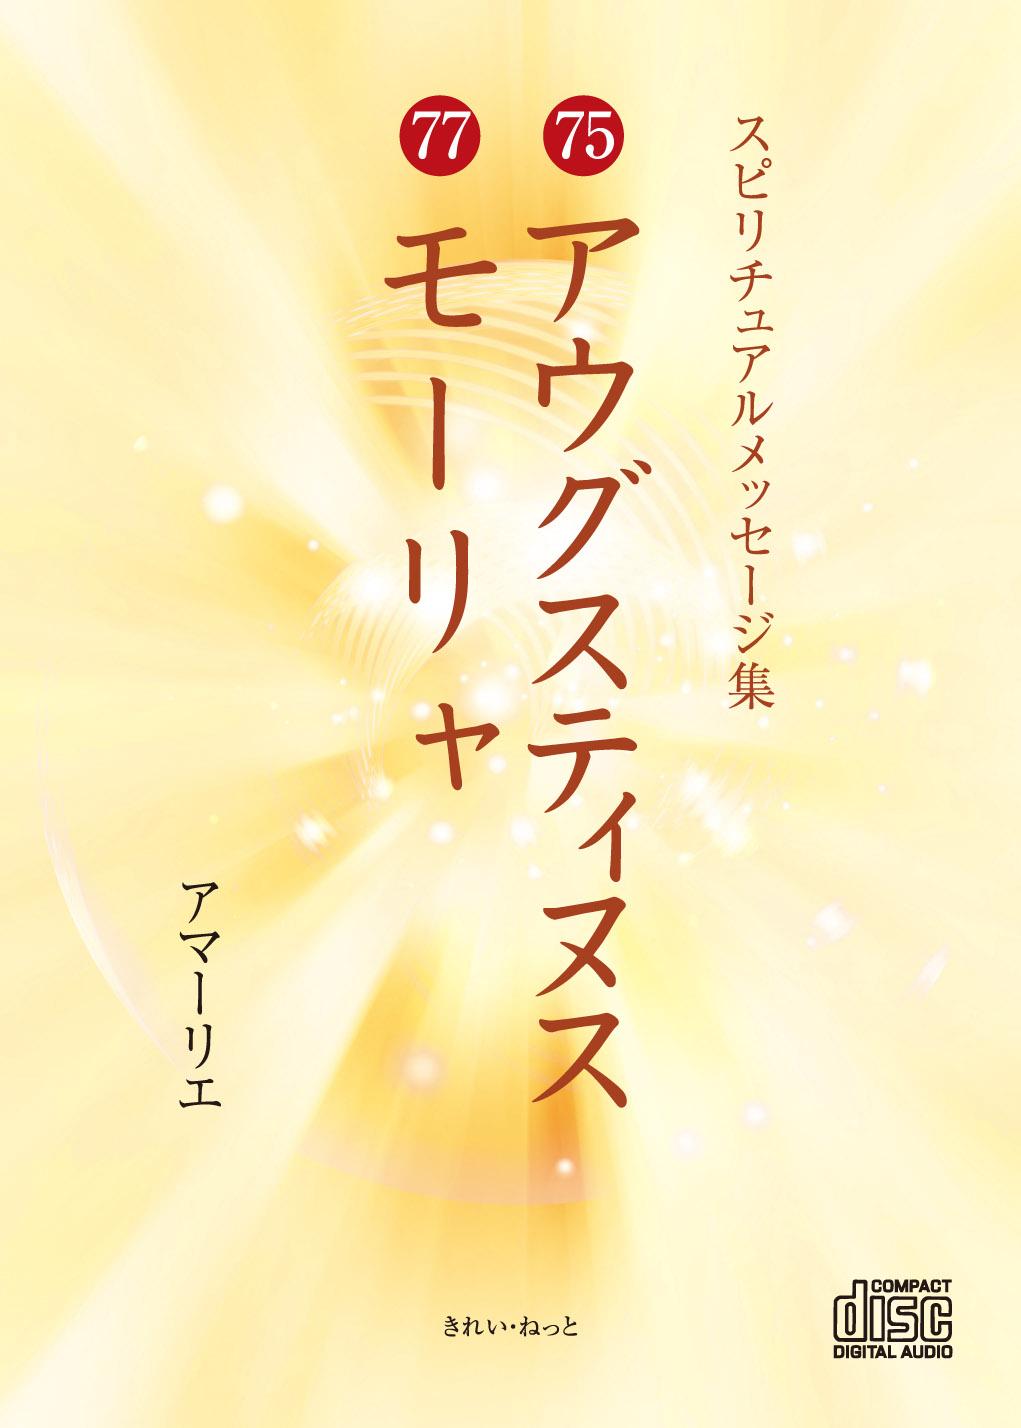 画像1: スピリチュアルメッセージ集CD 75 アウグスティヌス 77 モーリャ (1)